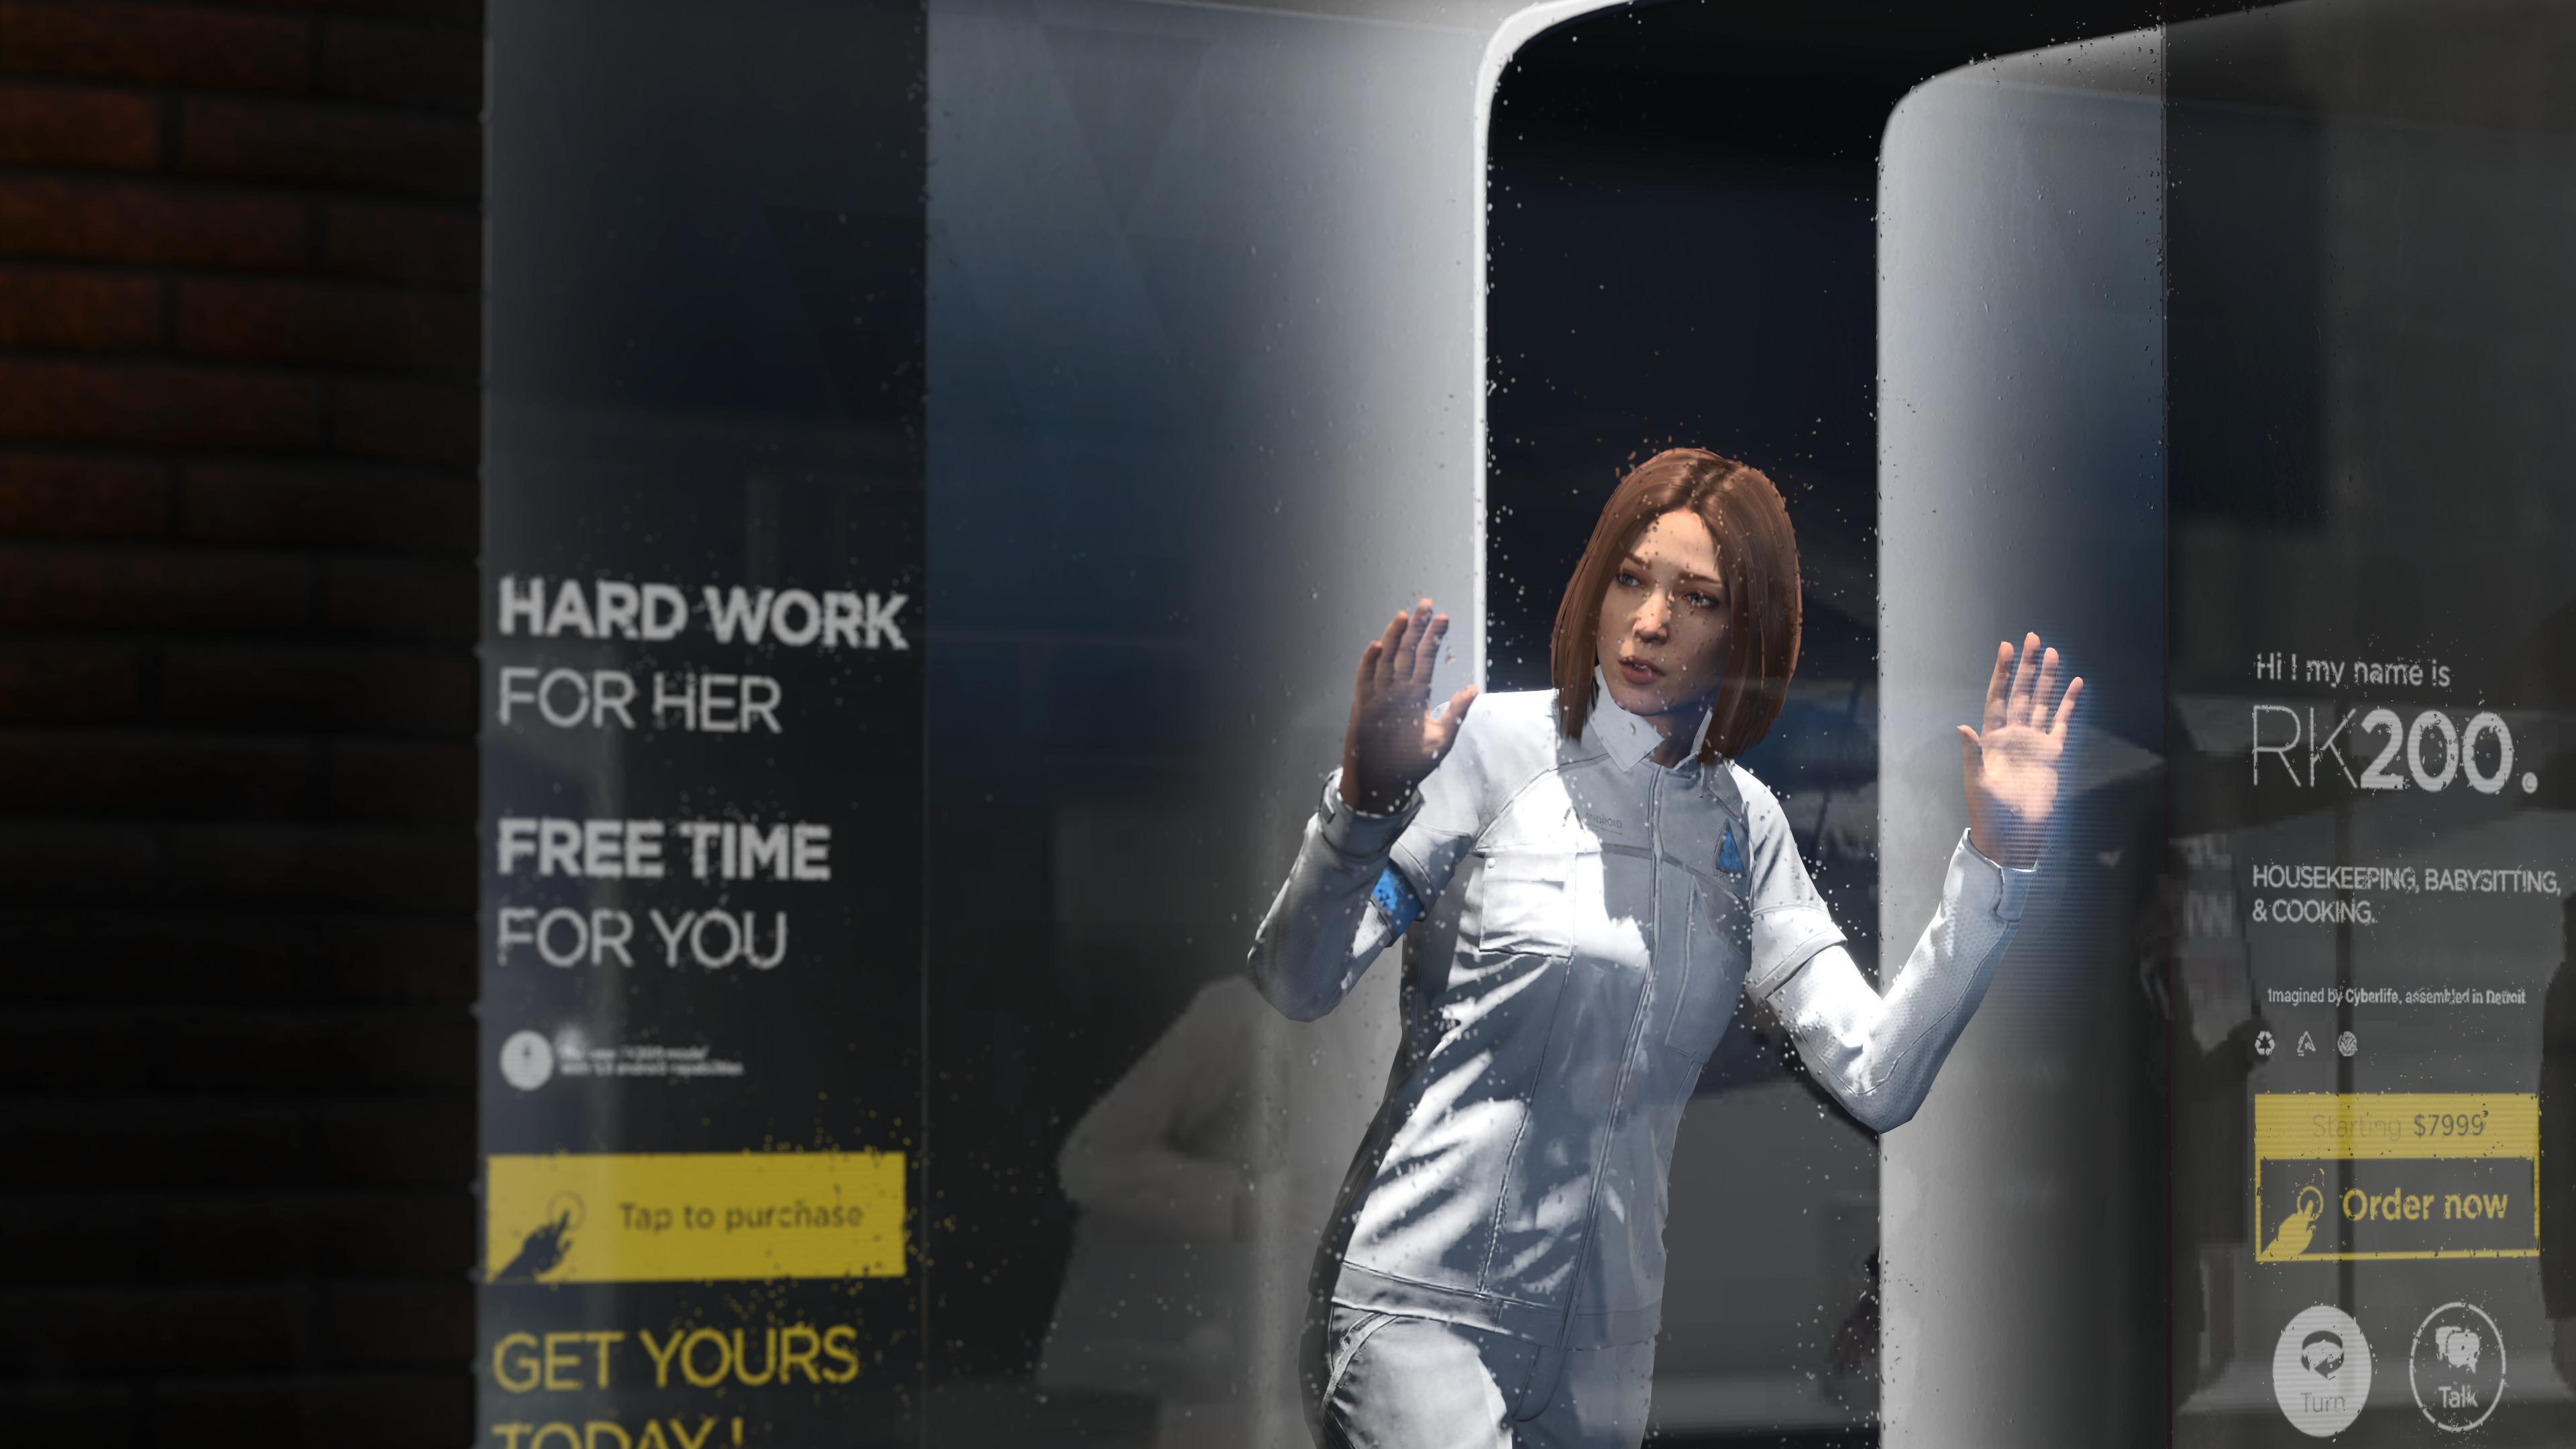 Skal man kjøpe en ny androide da, mon tro?